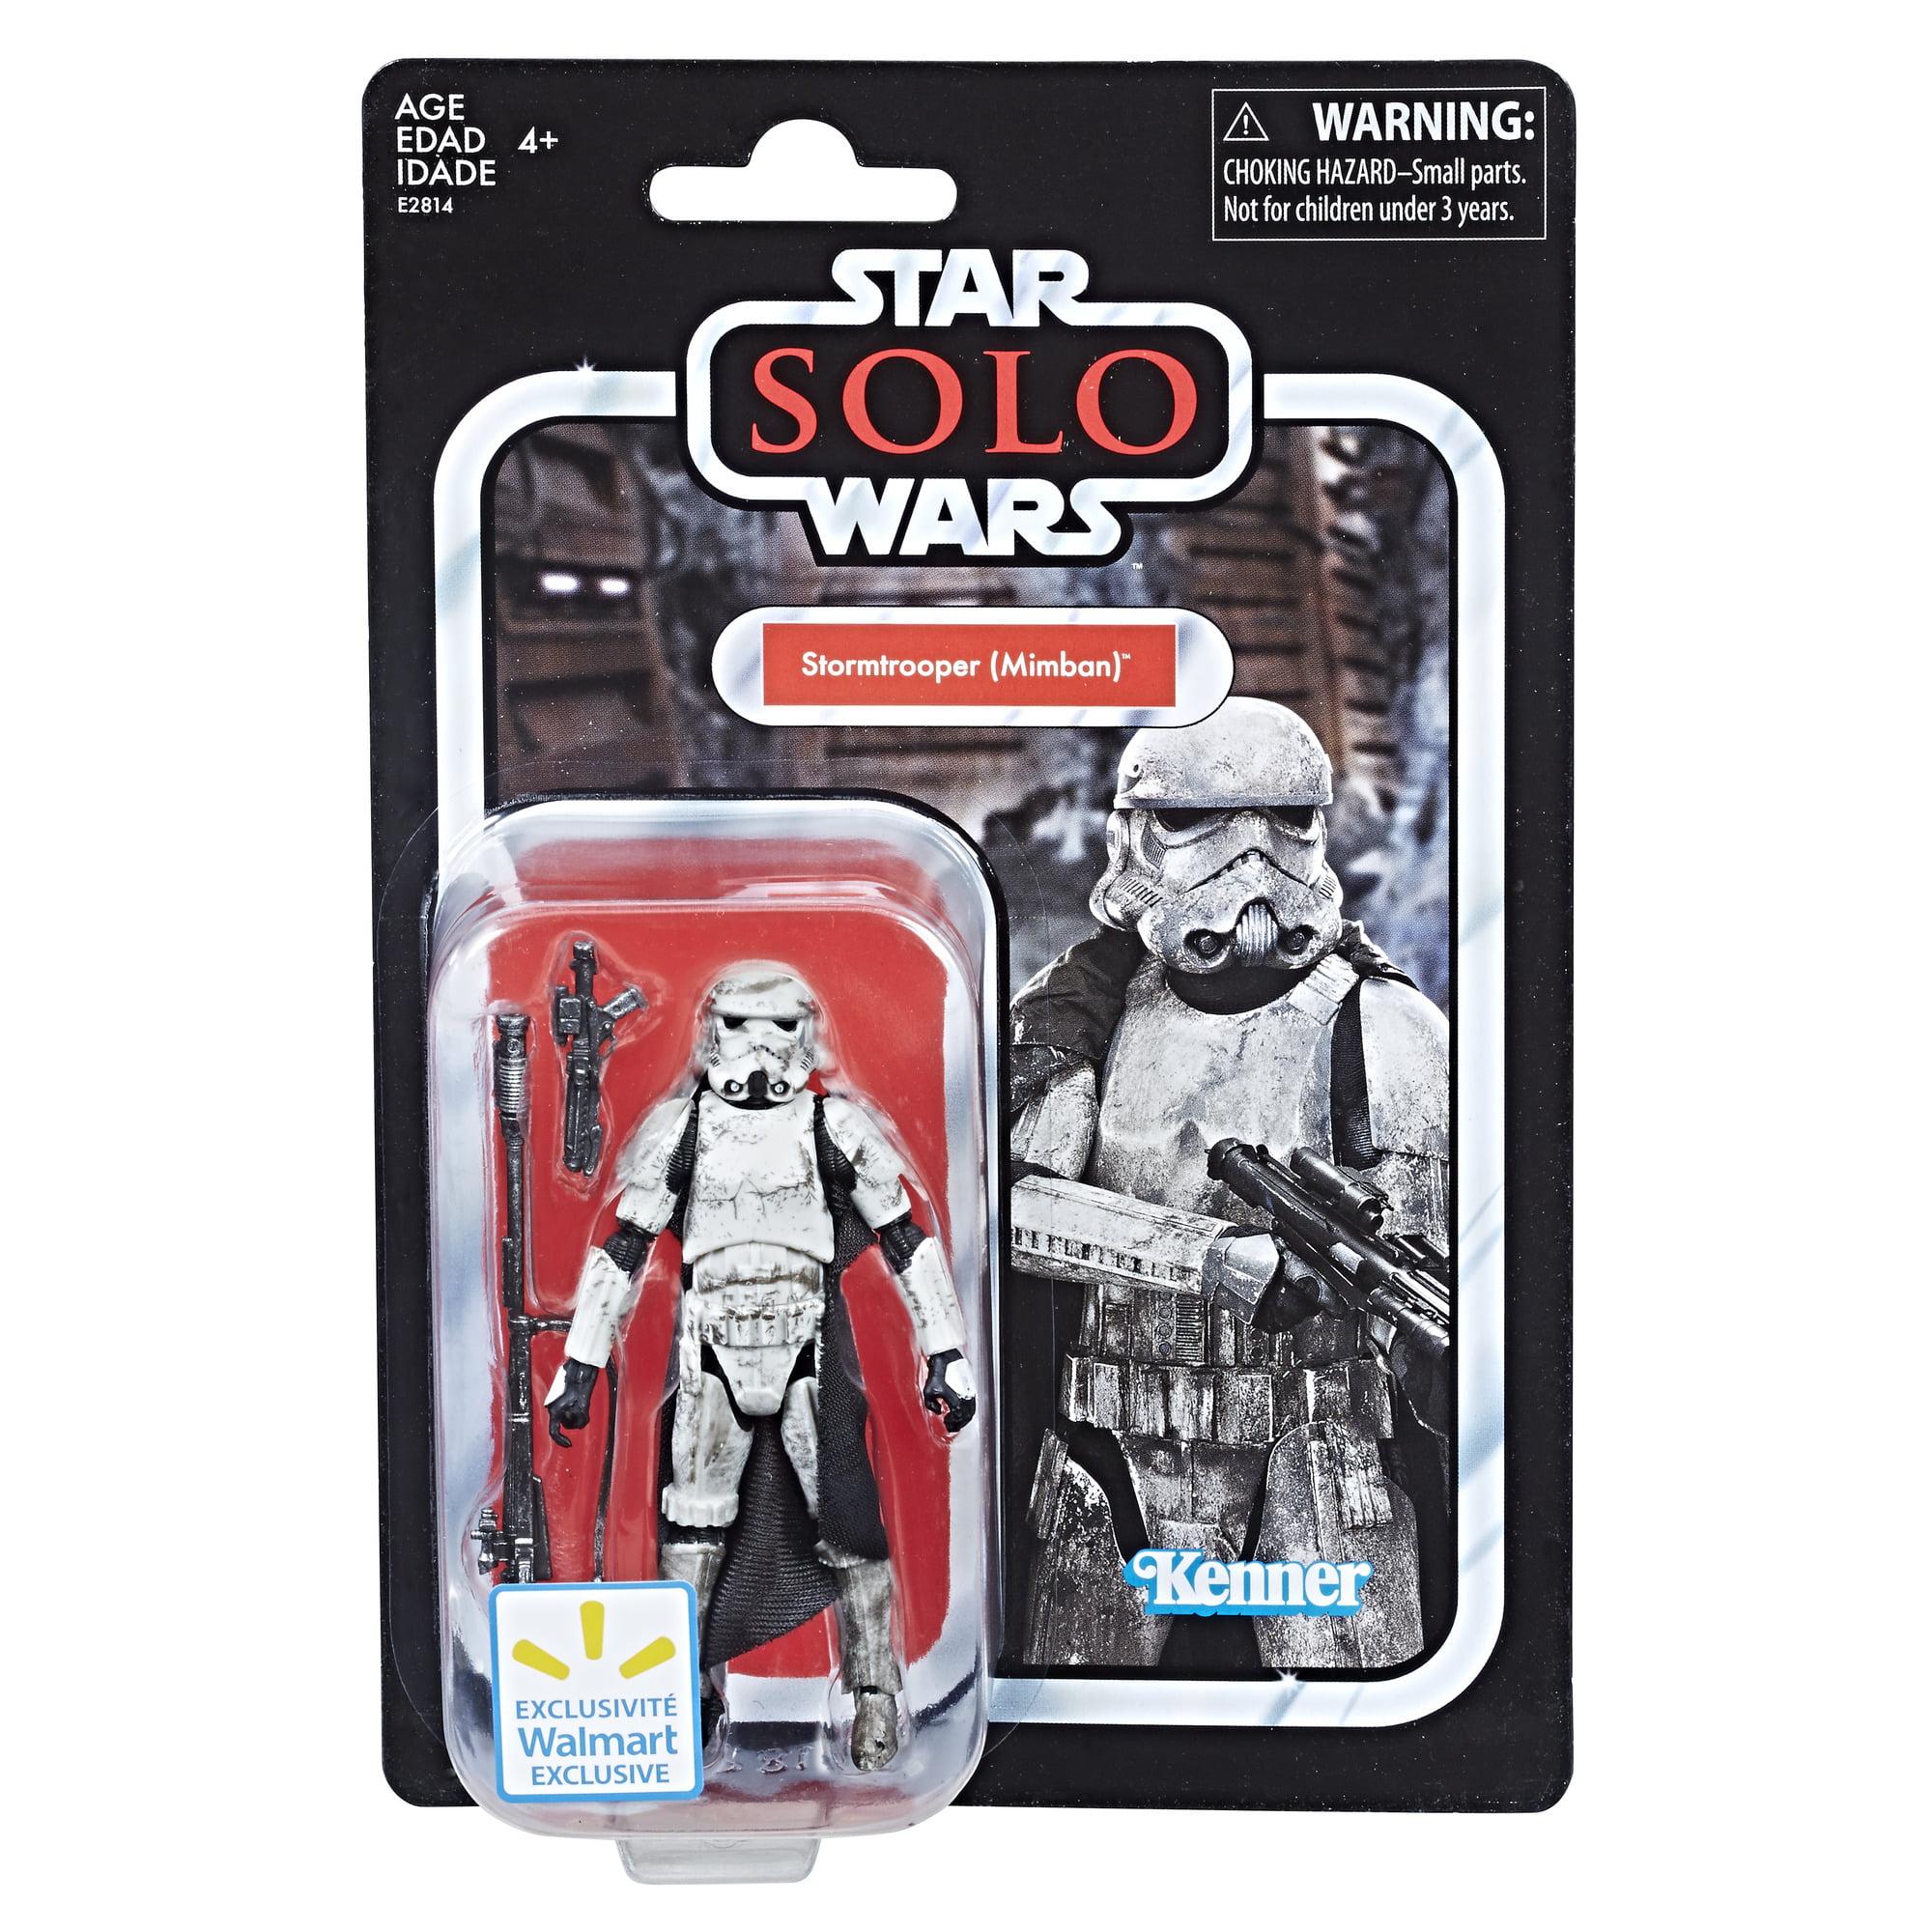 Figurki akcji i z filmów Film, telewizja i gry wideo Star Wars Black Series 6-inch Figure Mimban Stormtrooper Wal-Mart Exclusive